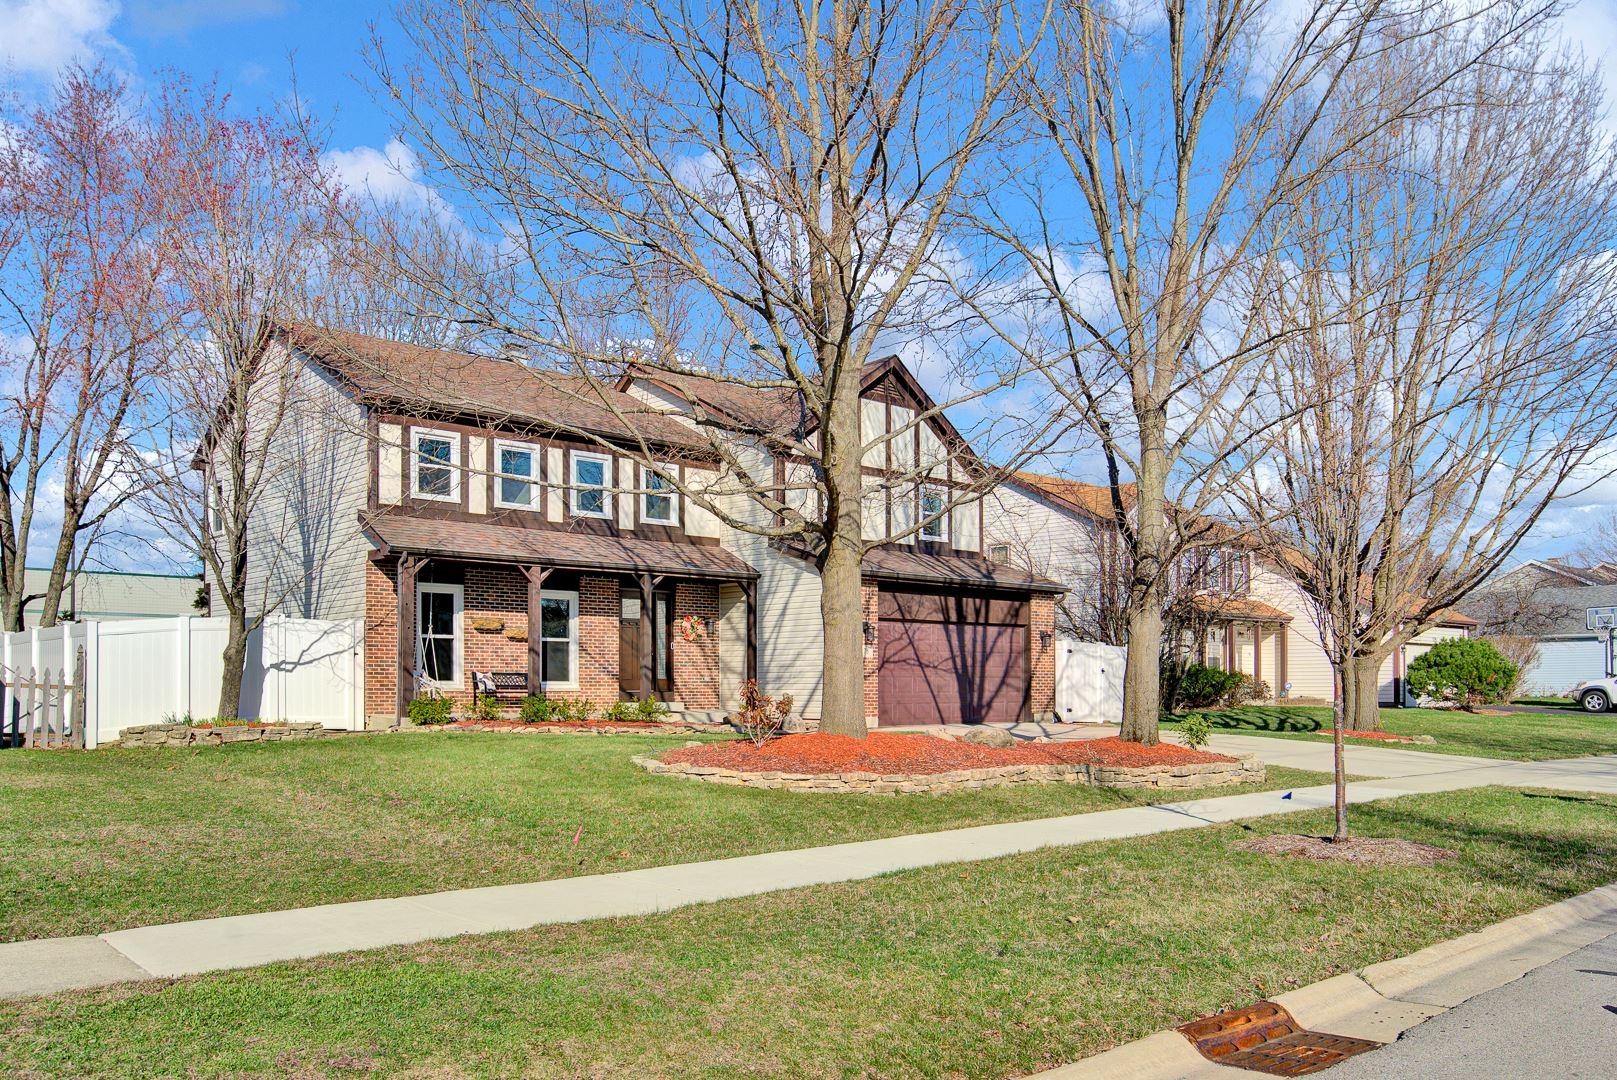 Photo of 175 W Brookwood Lane W, Bolingbrook, IL 60440 (MLS # 11039083)